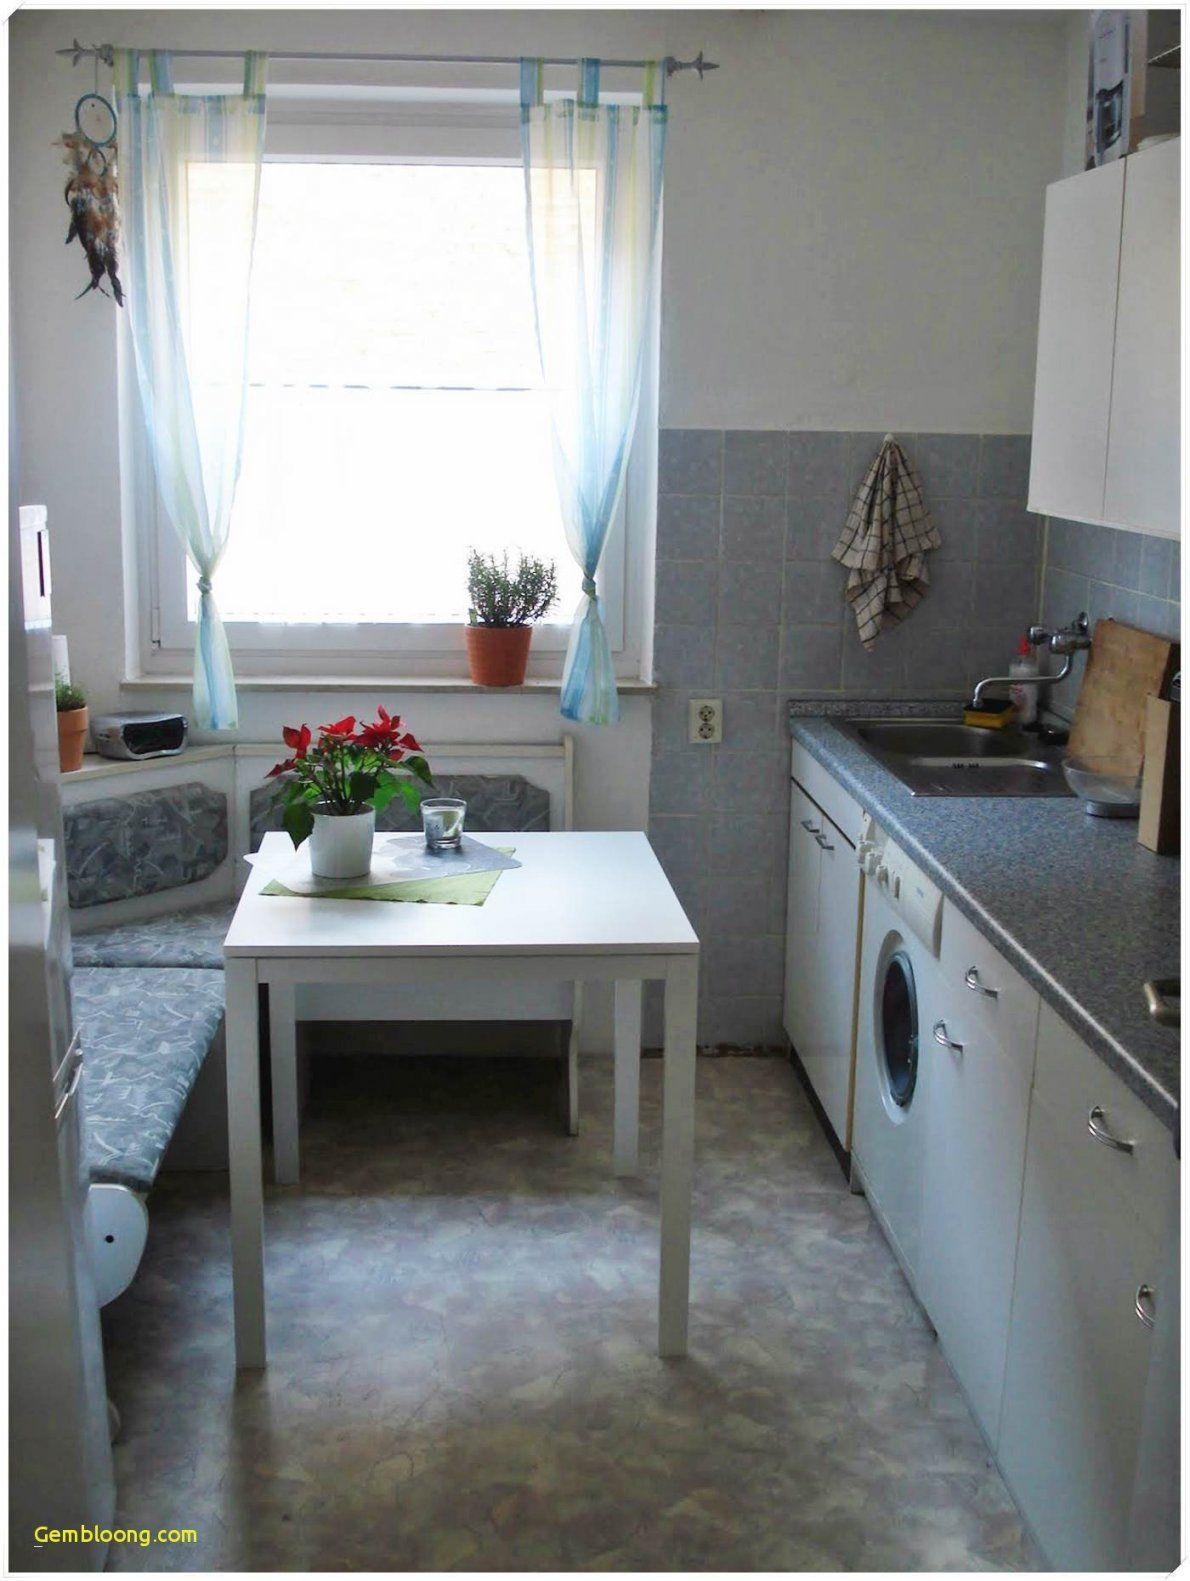 Kleine Küche Gestalten Ideen Inspirierend 44 Tolle Ideen Für Kleine von Ideen Für Kleine Küchen Photo